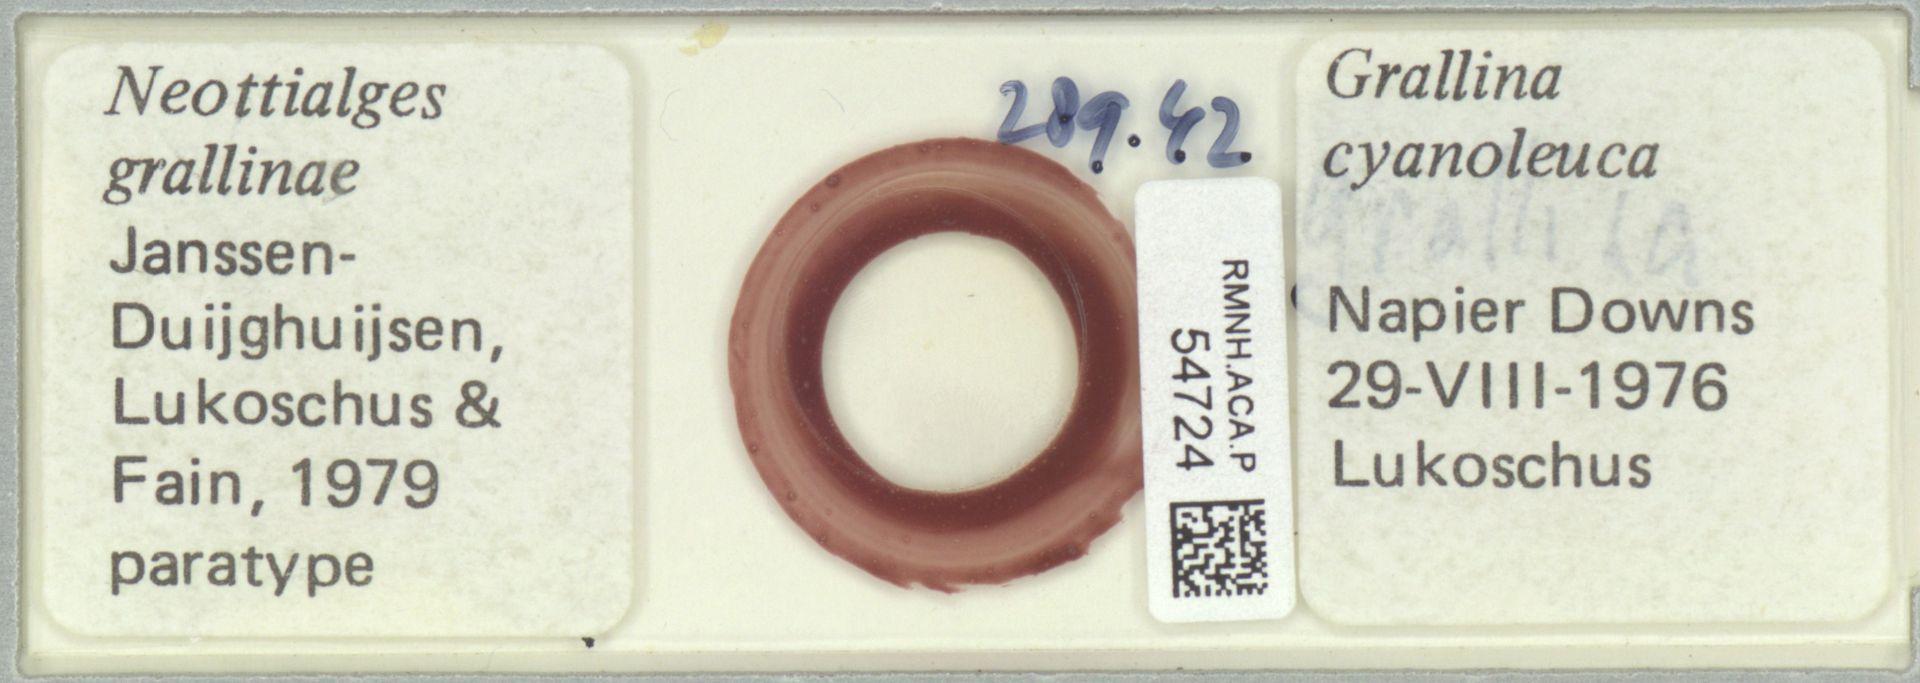 RMNH.ACA.P.54724 | Neottialges grallinae Janssen-Duijghuijsen, Lukoschus & Fain, 1979